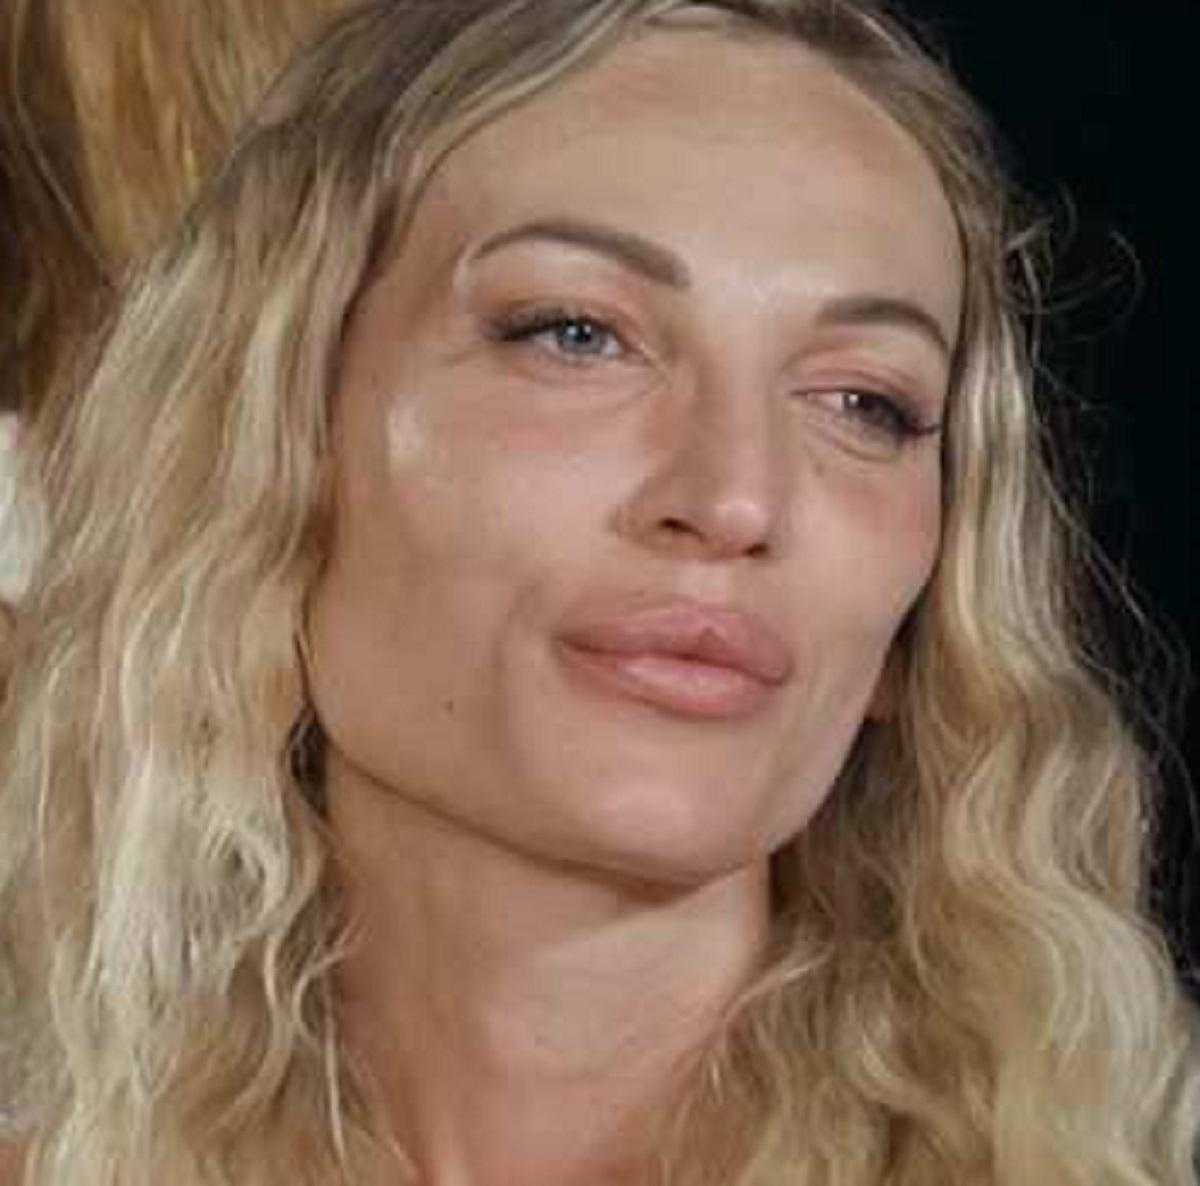 Tommaso Eletti Valentina Nulli Augusti Temptation Island 2021 storia finta